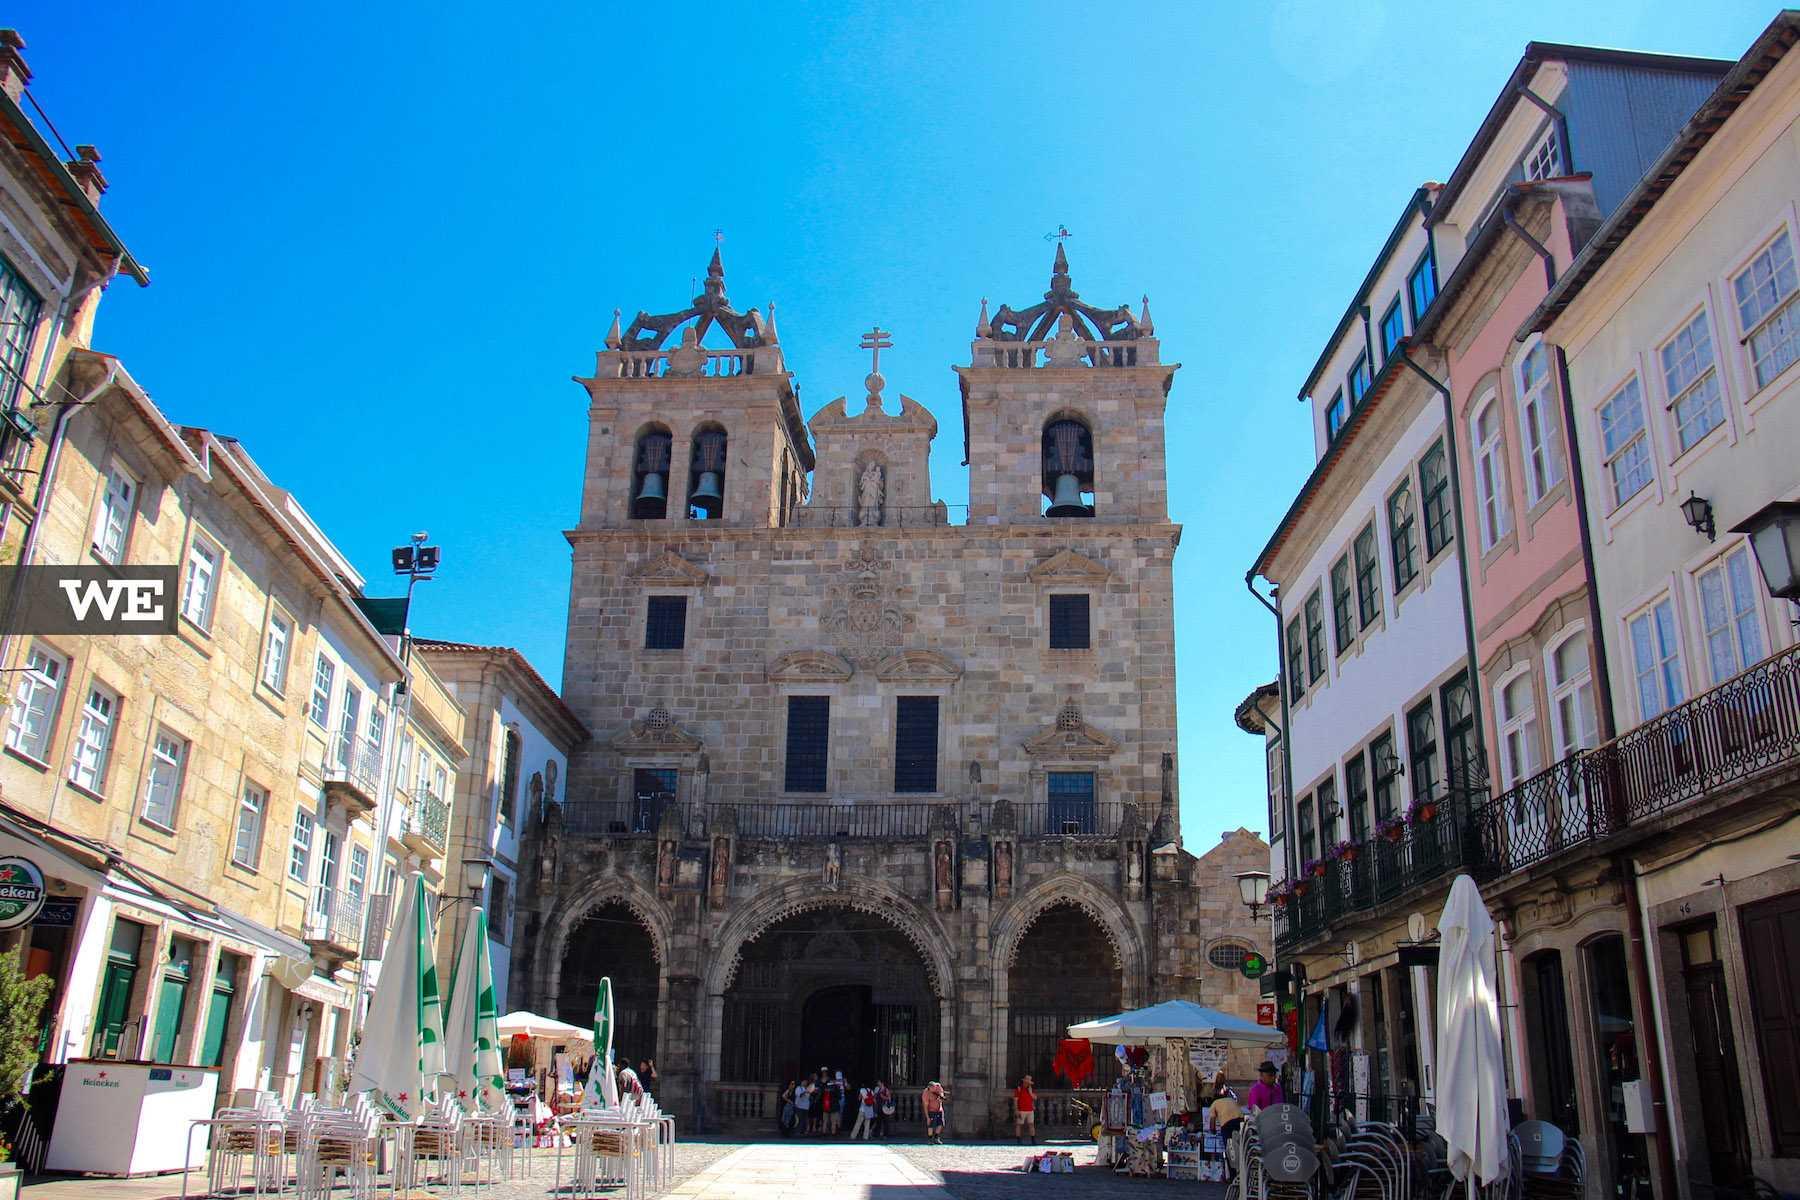 Mais velho que a Sé. A origem das expressões típicas de Braga